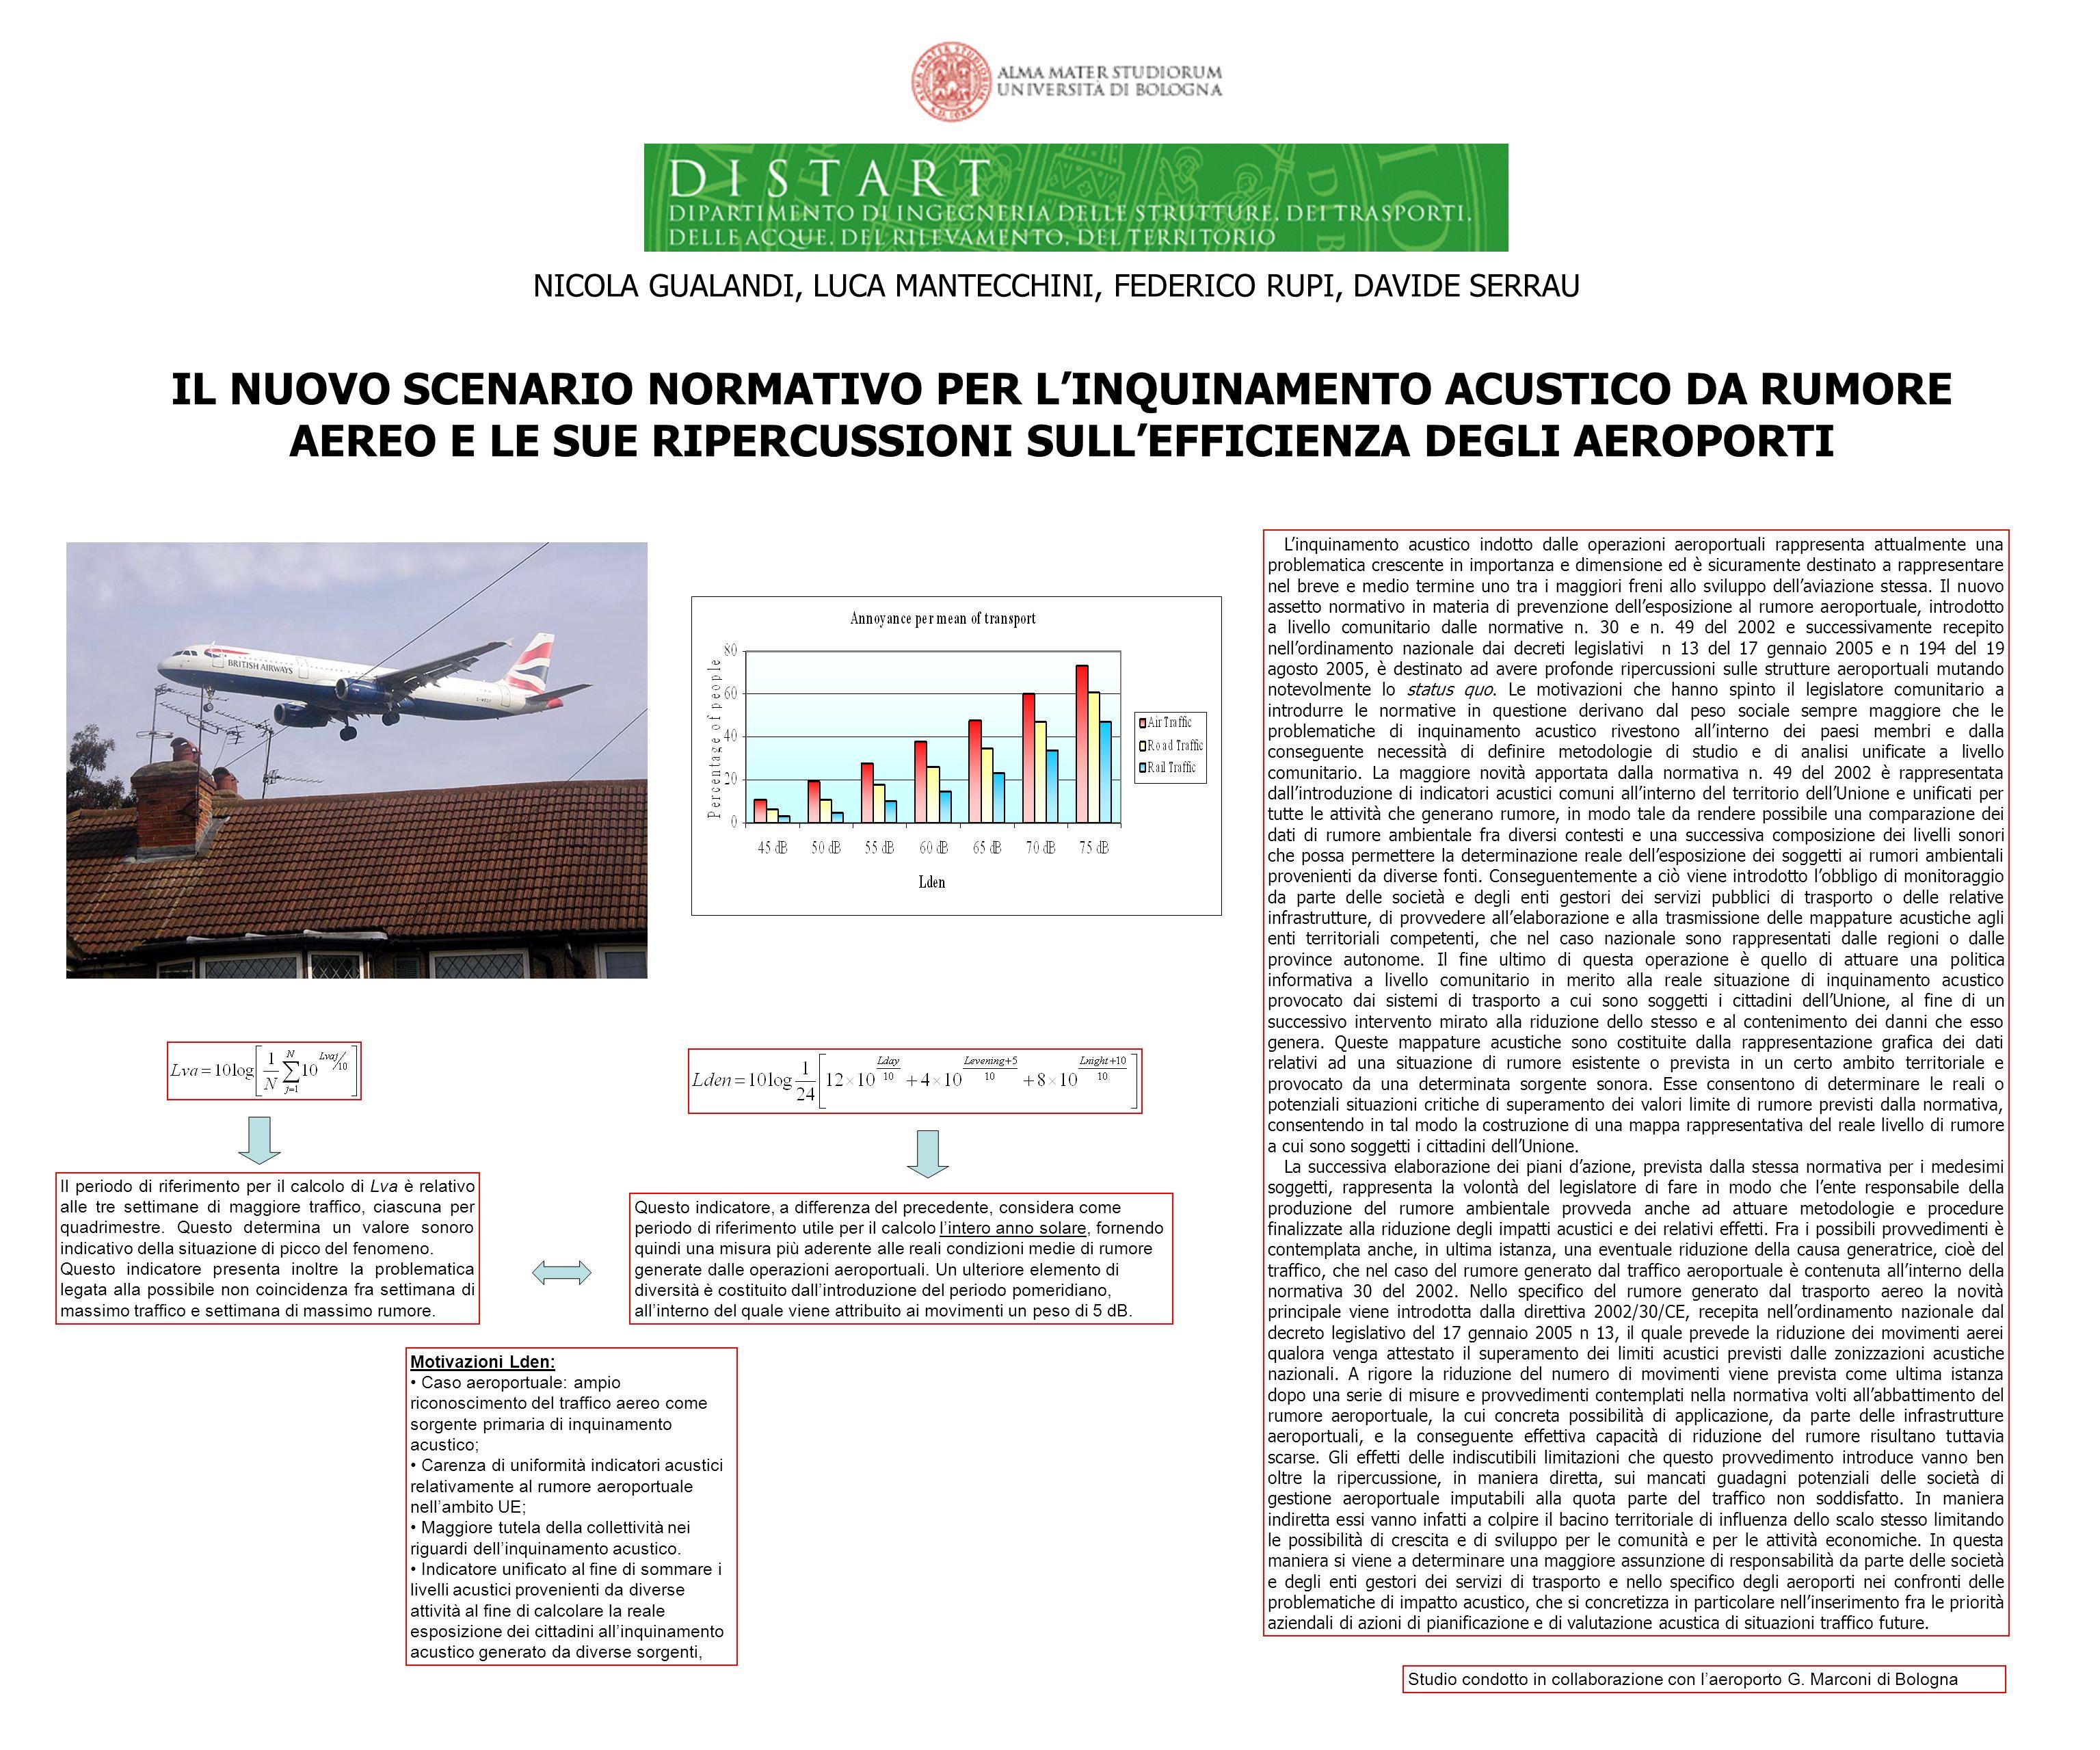 IL NUOVO SCENARIO NORMATIVO PER LINQUINAMENTO ACUSTICO DA RUMORE AEREO E LE SUE RIPERCUSSIONI SULLEFFICIENZA DEGLI AEROPORTI NICOLA GUALANDI, LUCA MANTECCHINI, FEDERICO RUPI, DAVIDE SERRAU Linquinamento acustico indotto dalle operazioni aeroportuali rappresenta attualmente una problematica crescente in importanza e dimensione ed è sicuramente destinato a rappresentare nel breve e medio termine uno tra i maggiori freni allo sviluppo dellaviazione stessa.